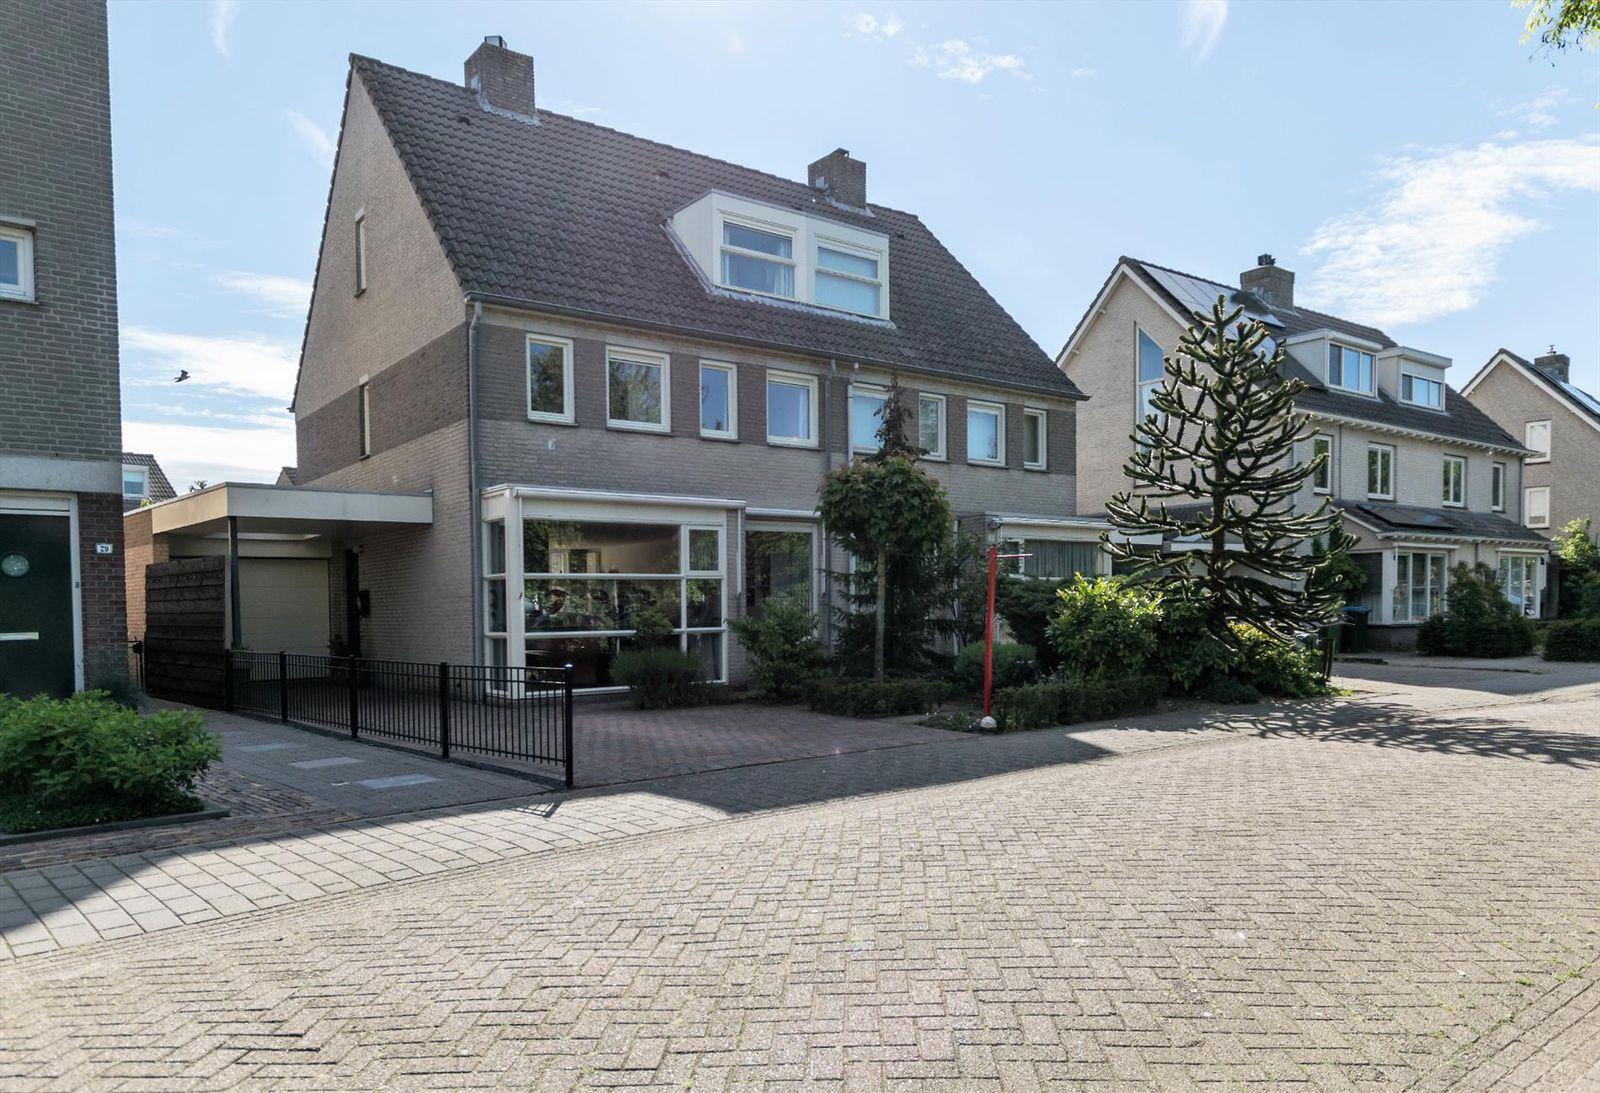 Goudpiasterstraat 27, 's-Hertogenbosch